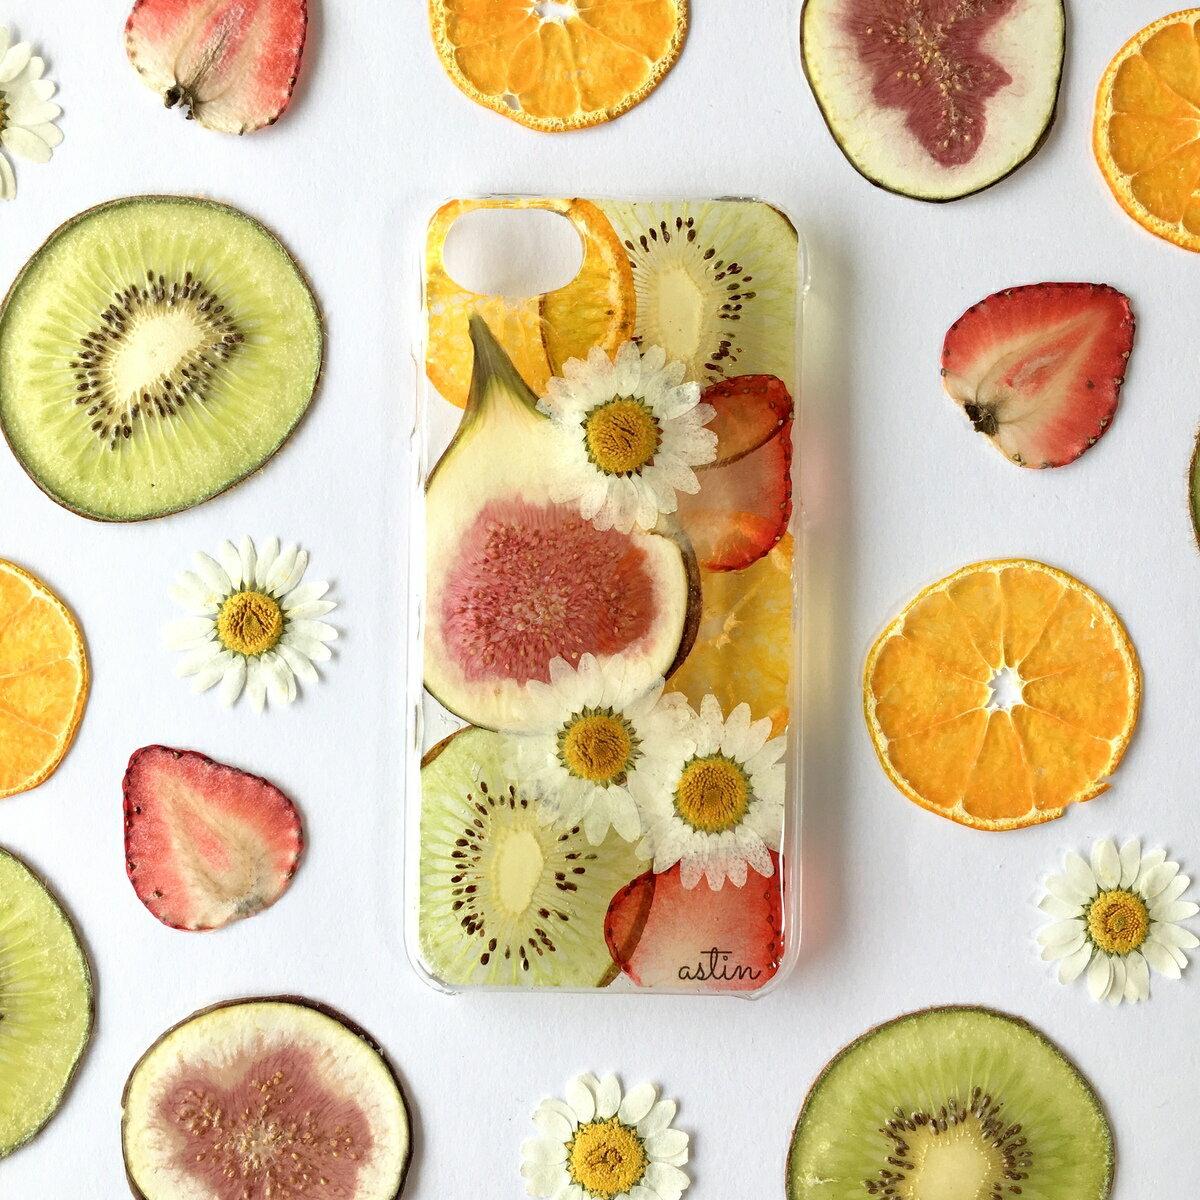 いちじくミックス 押し花 押しフルーツ レモン オレンジ フルーツ 果物 さわやか いちじく 大人 可愛い ケース カバー iPhone 送料無料 スマホケース 全機種対応 カバー アイフォン ケース iphone X